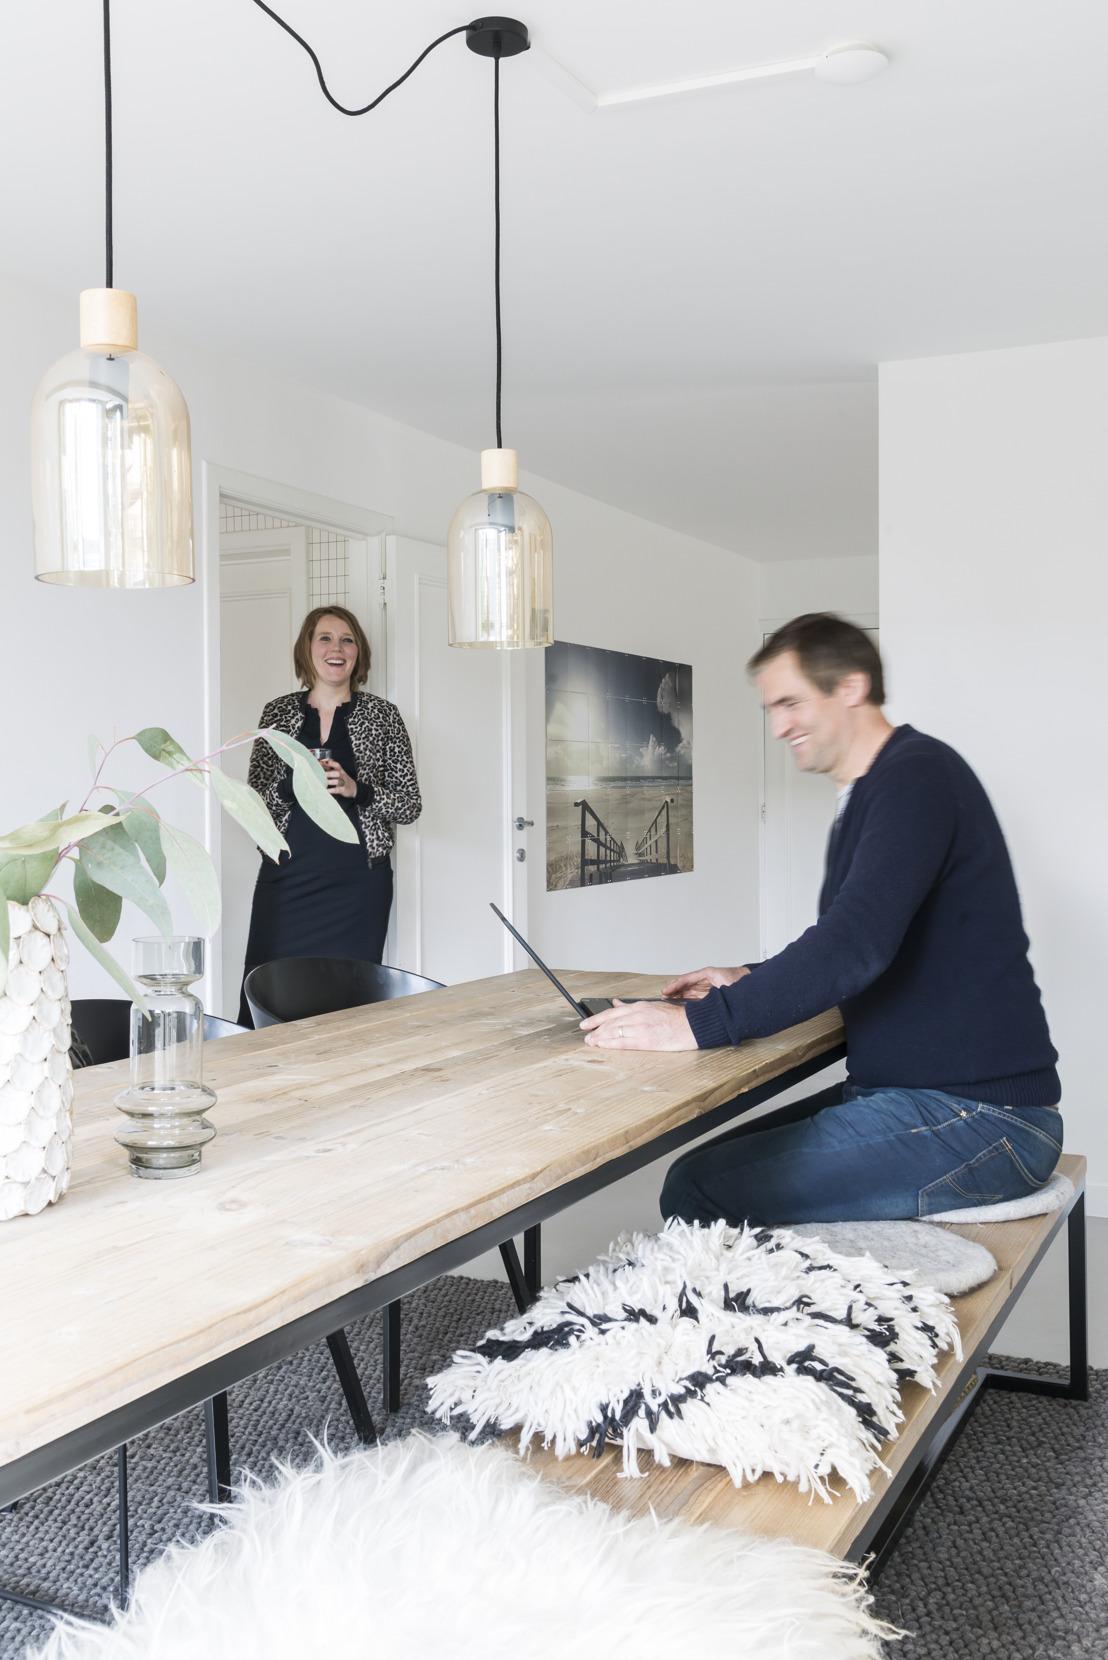 Een kijkje achter de schermen bij Nordic Living en Pure Wood Design